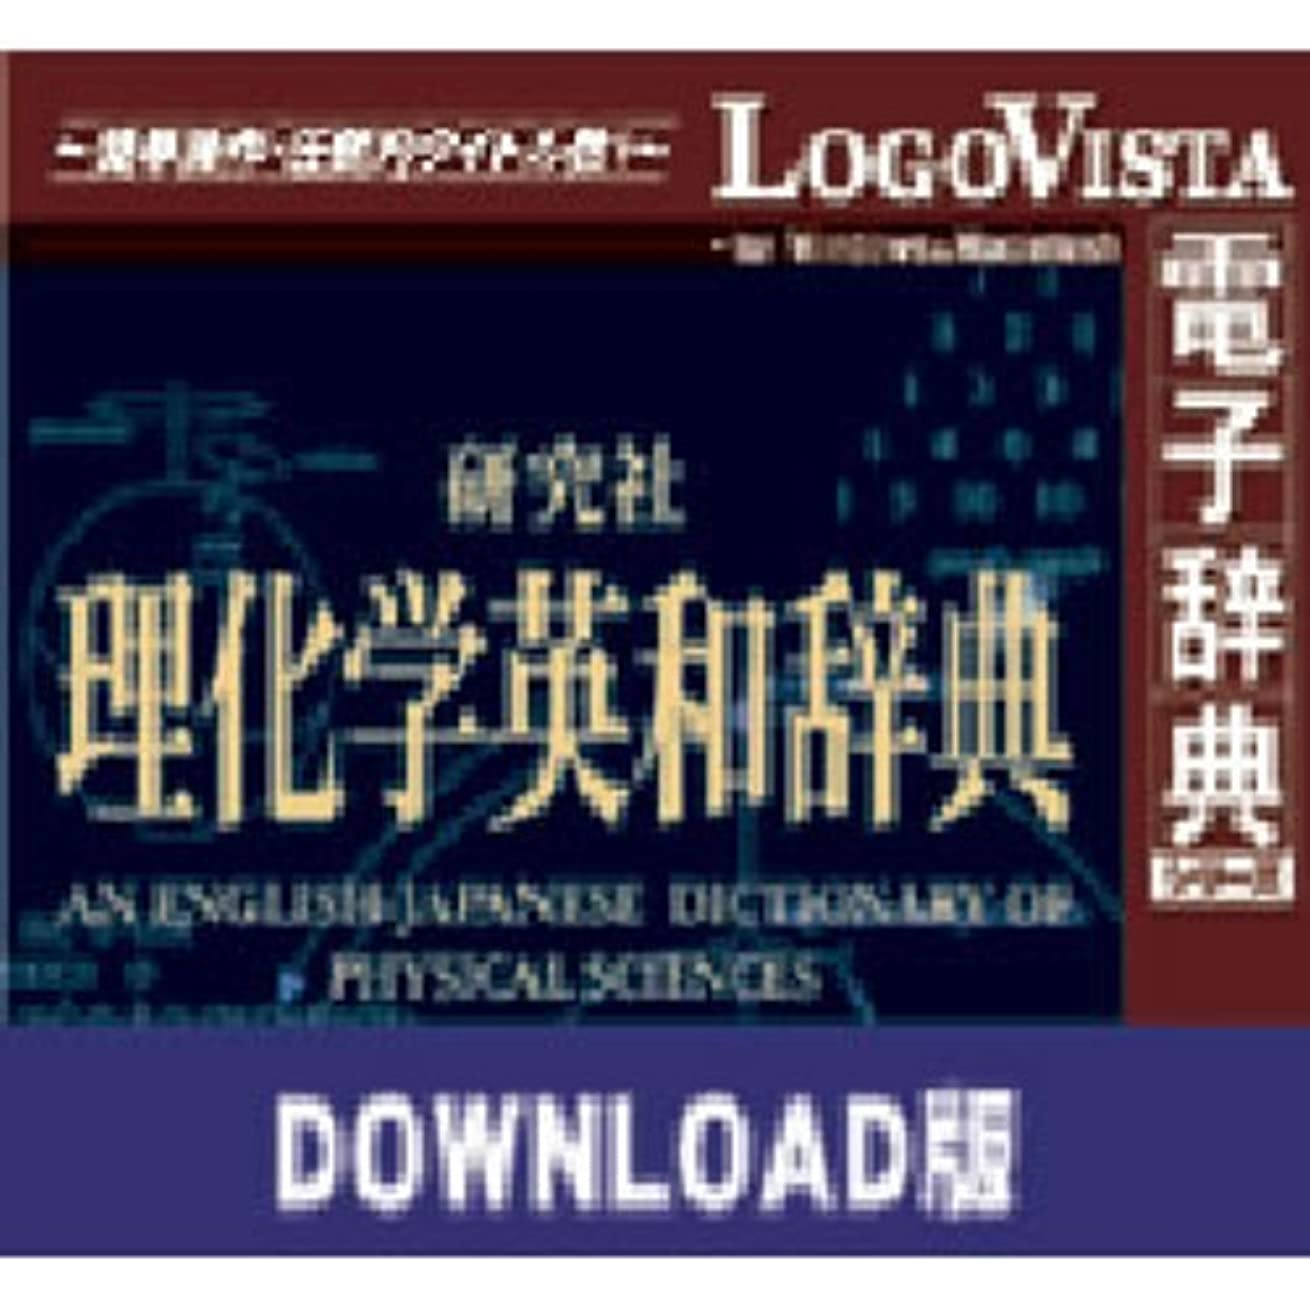 おいしい供給オリエンタル研究社理化学英和辞典 for Mac ダウンロード版 [ダウンロード]